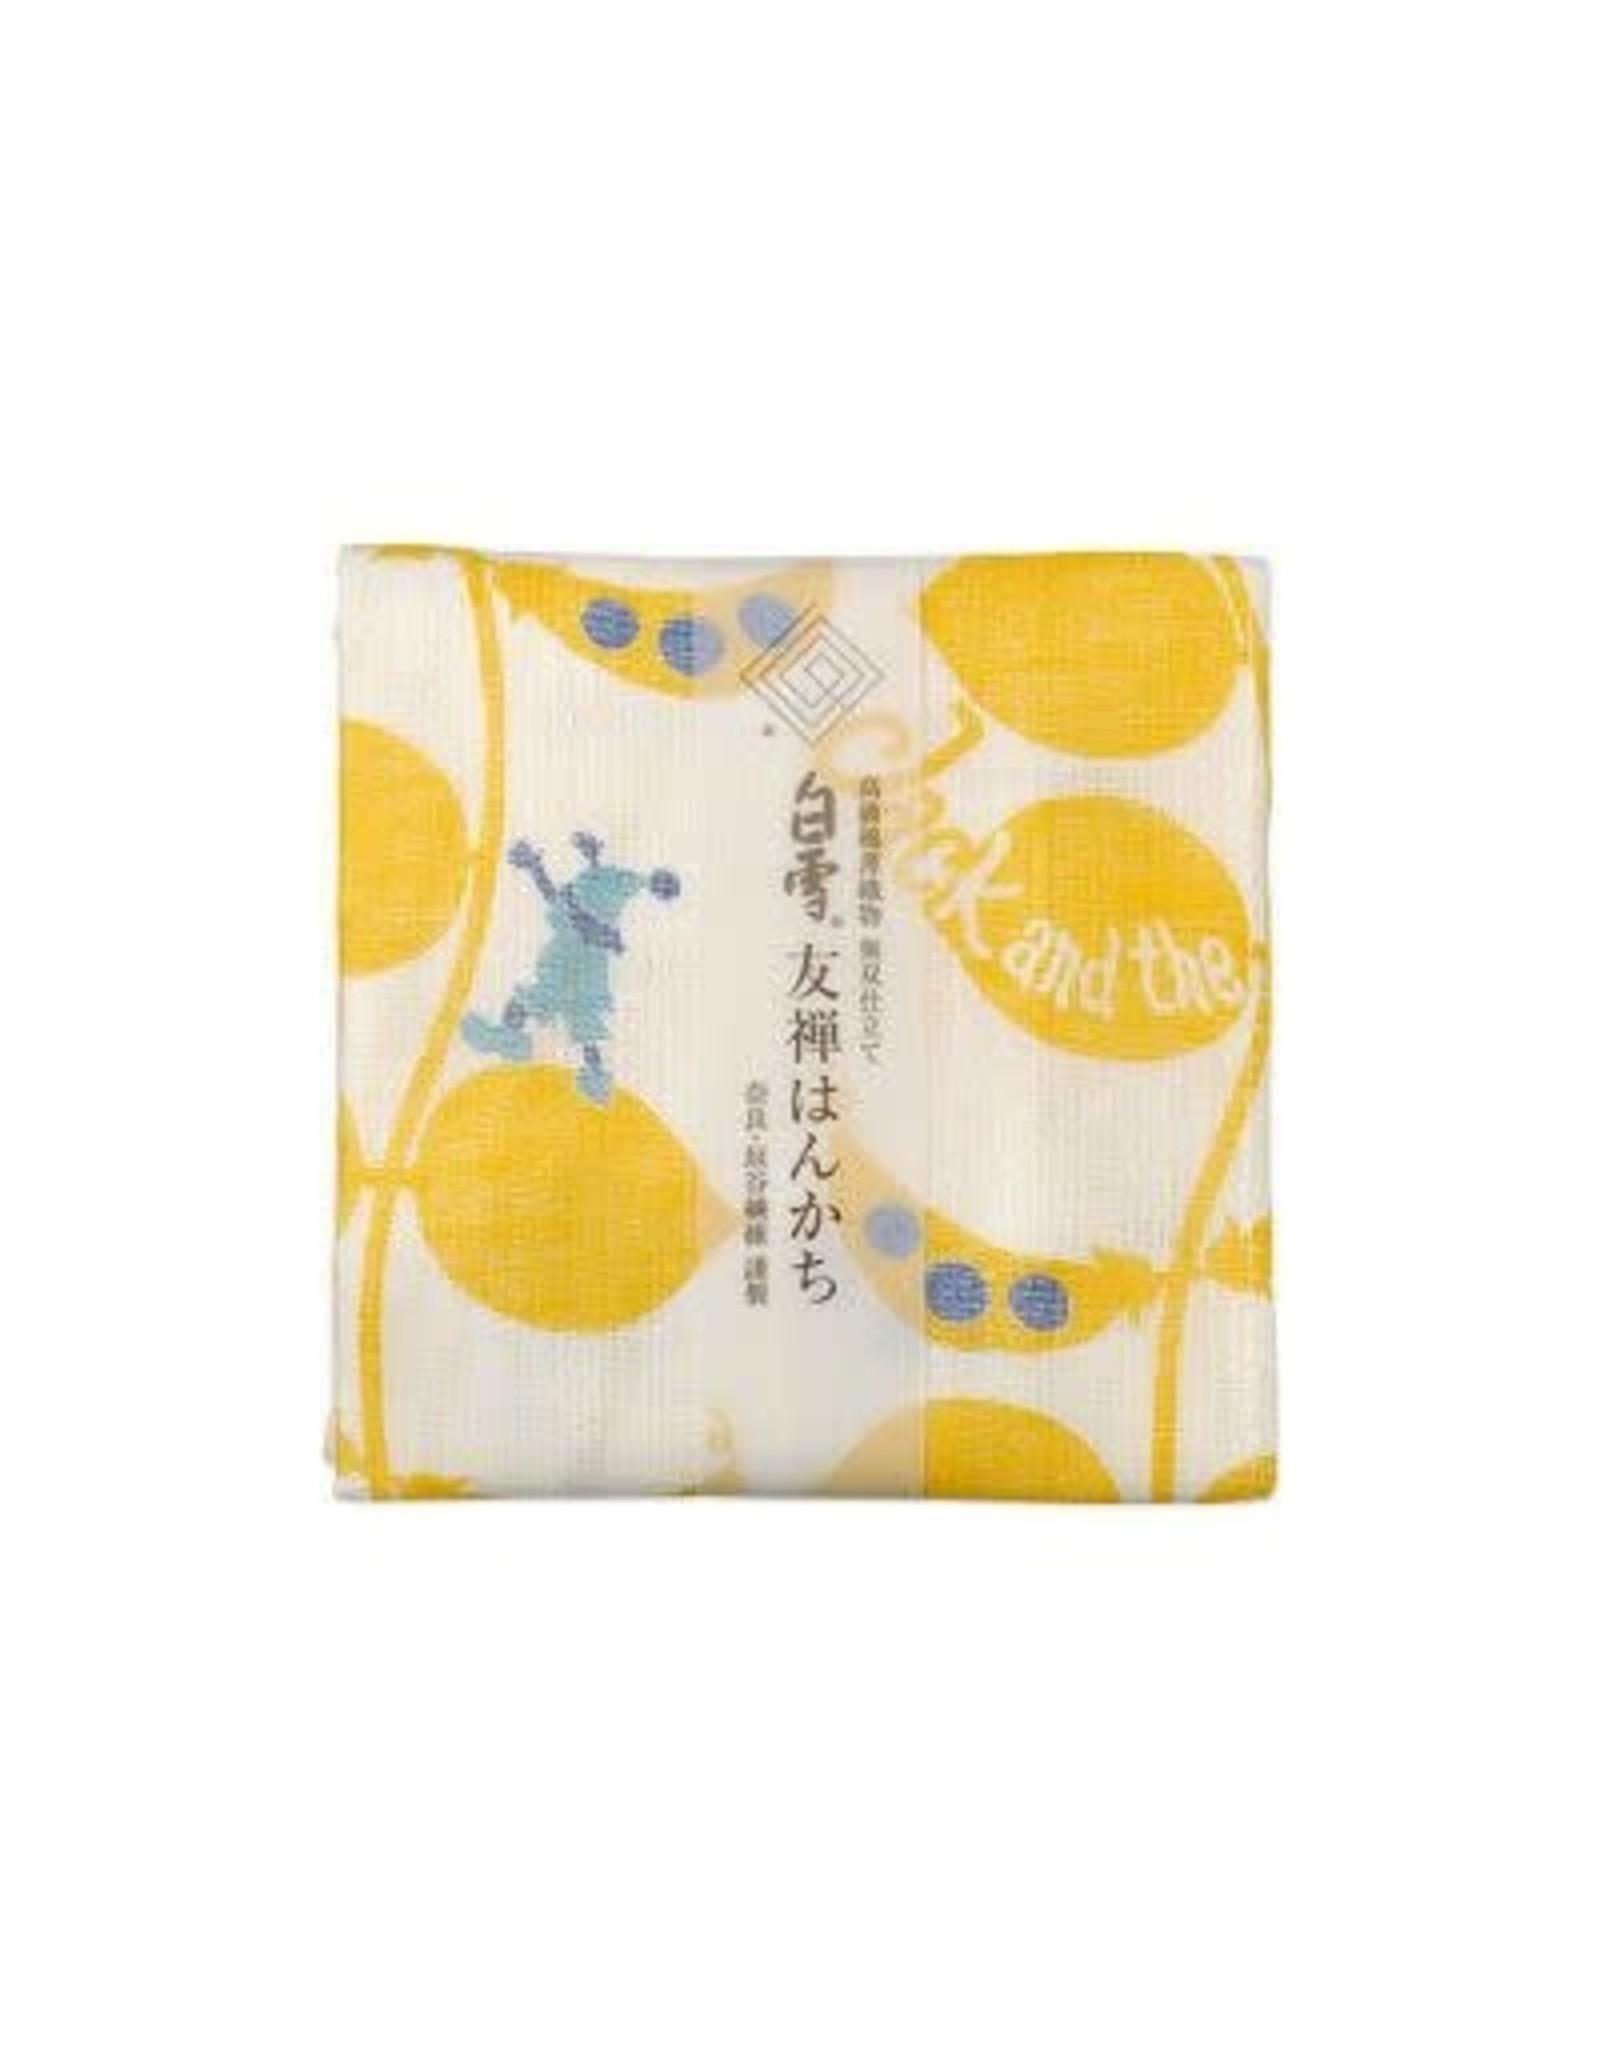 Shirayuki Fukin Co., Ltd. SHIRAYUKI FUKIN HANDKERCHIEF 30cm x 30 cm JACK TO MAMENOKI YELLOW